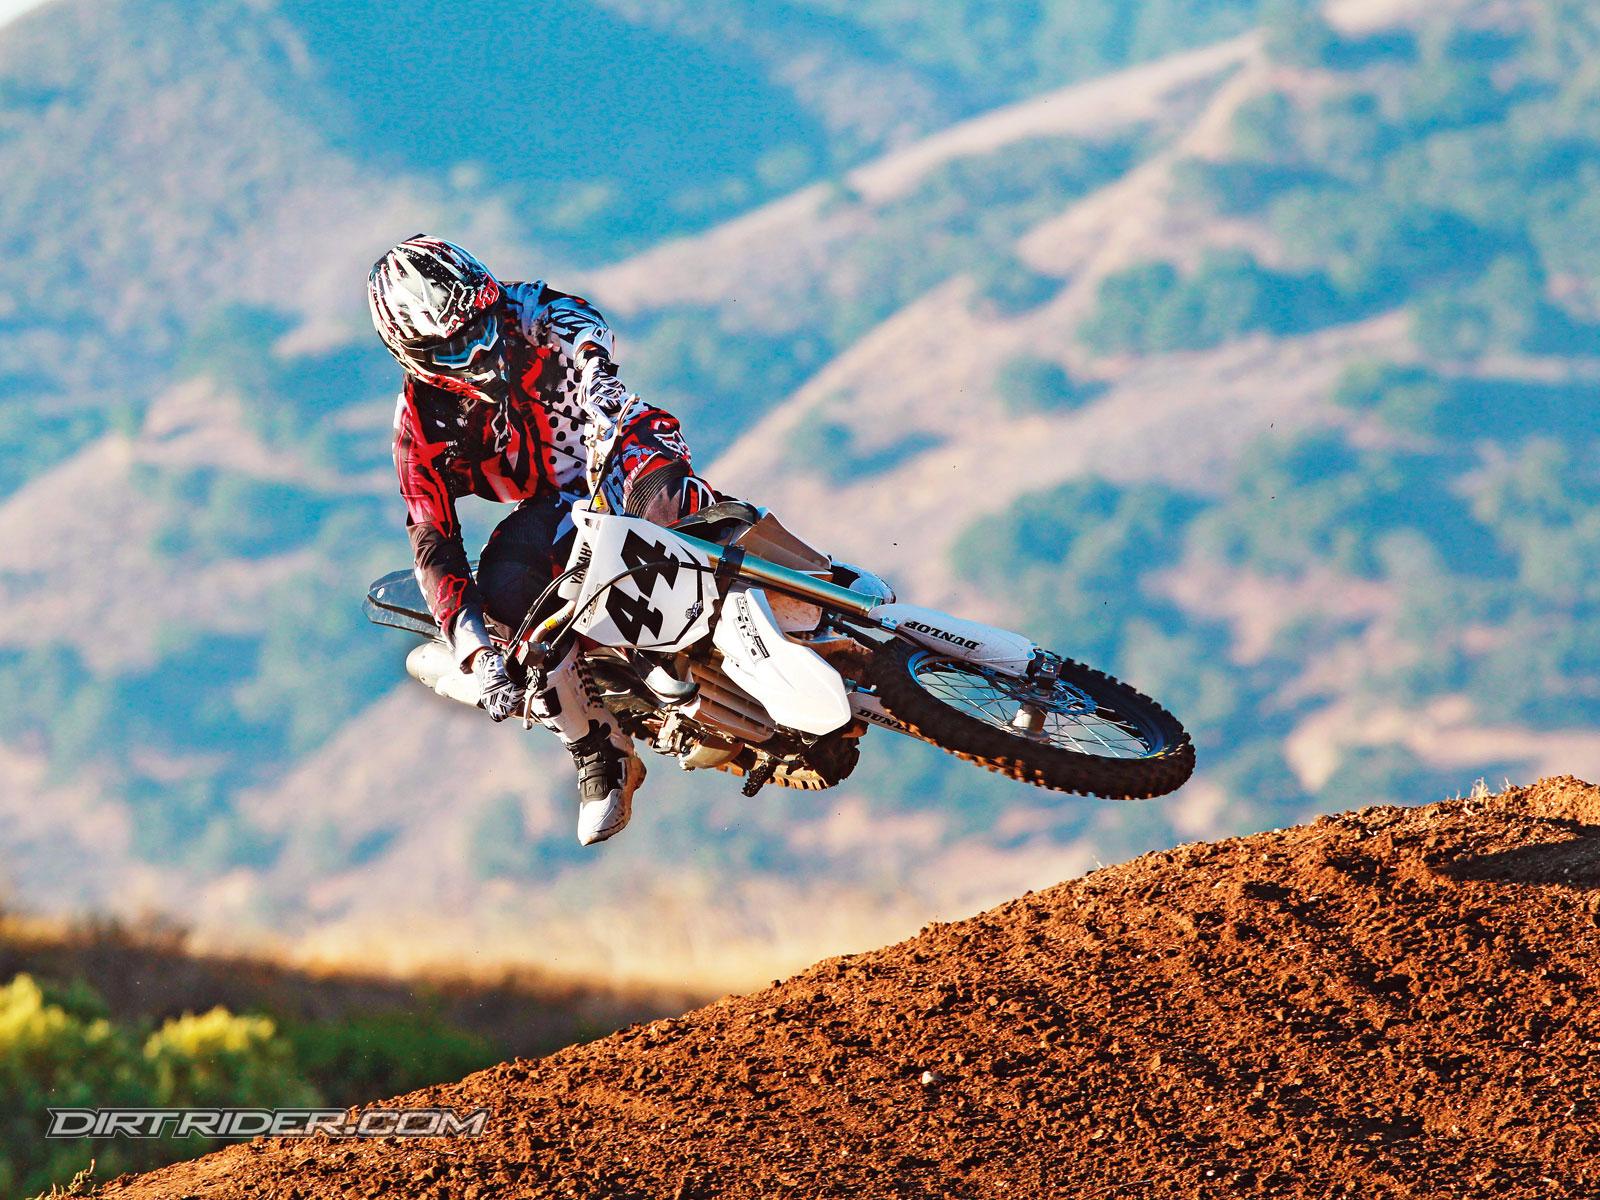 motocross bikes wallpapers wallpapersafari